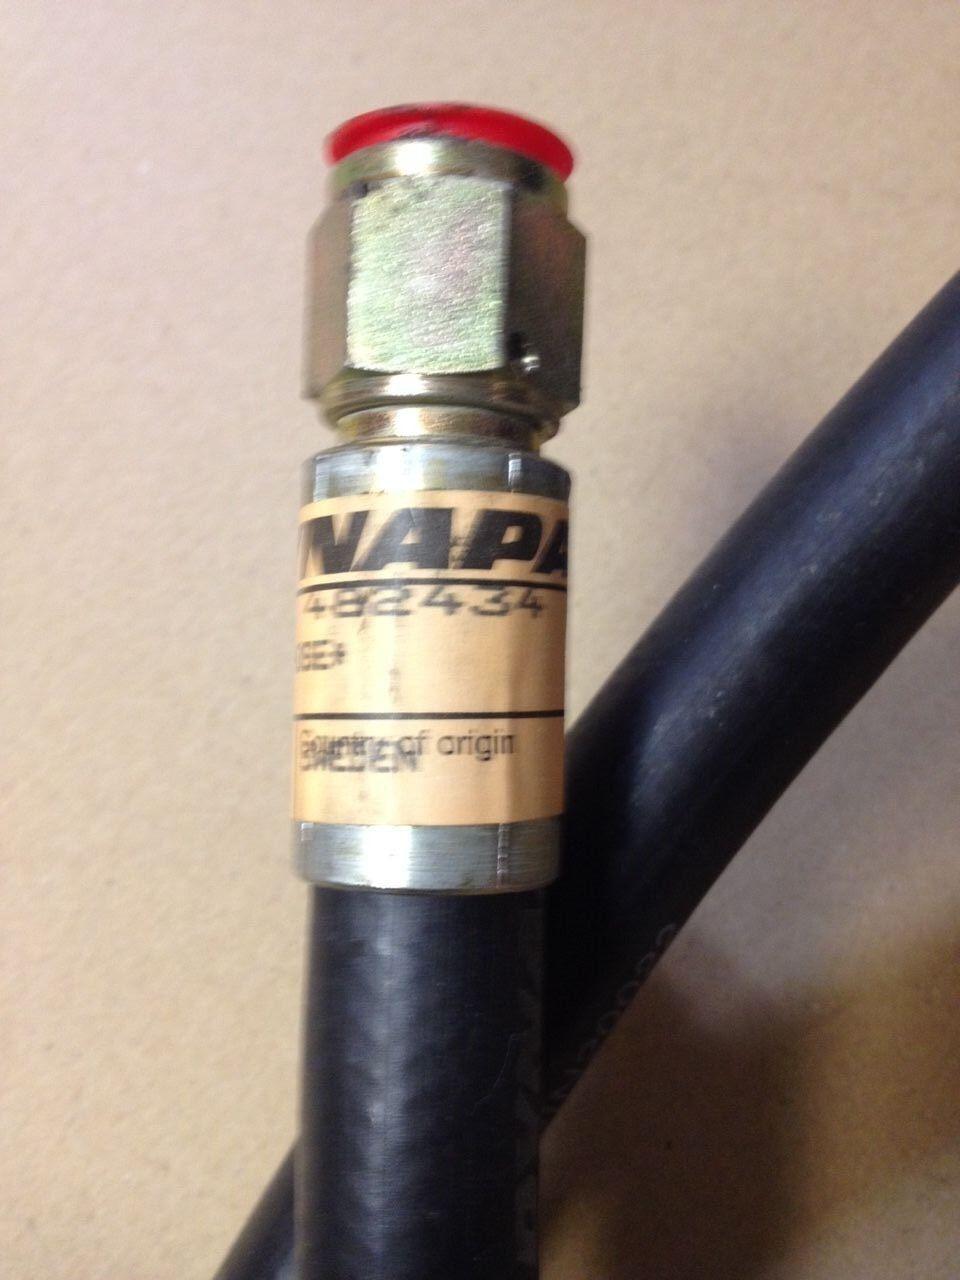 NAPA AUTOMOTIVE 4L840 Replacement Belt